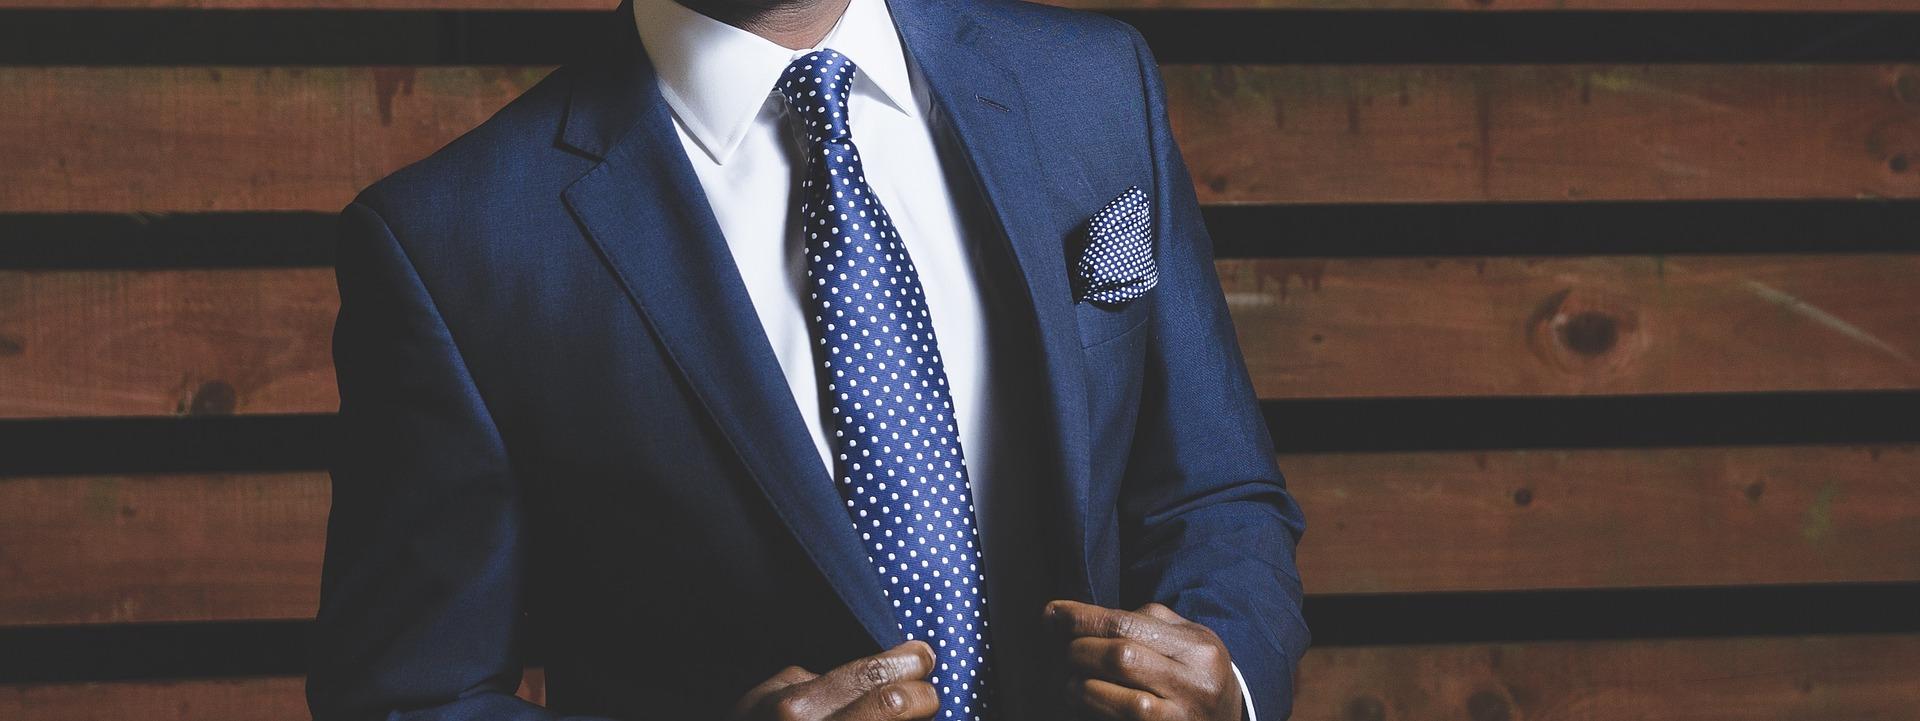 business suit 690048 1920